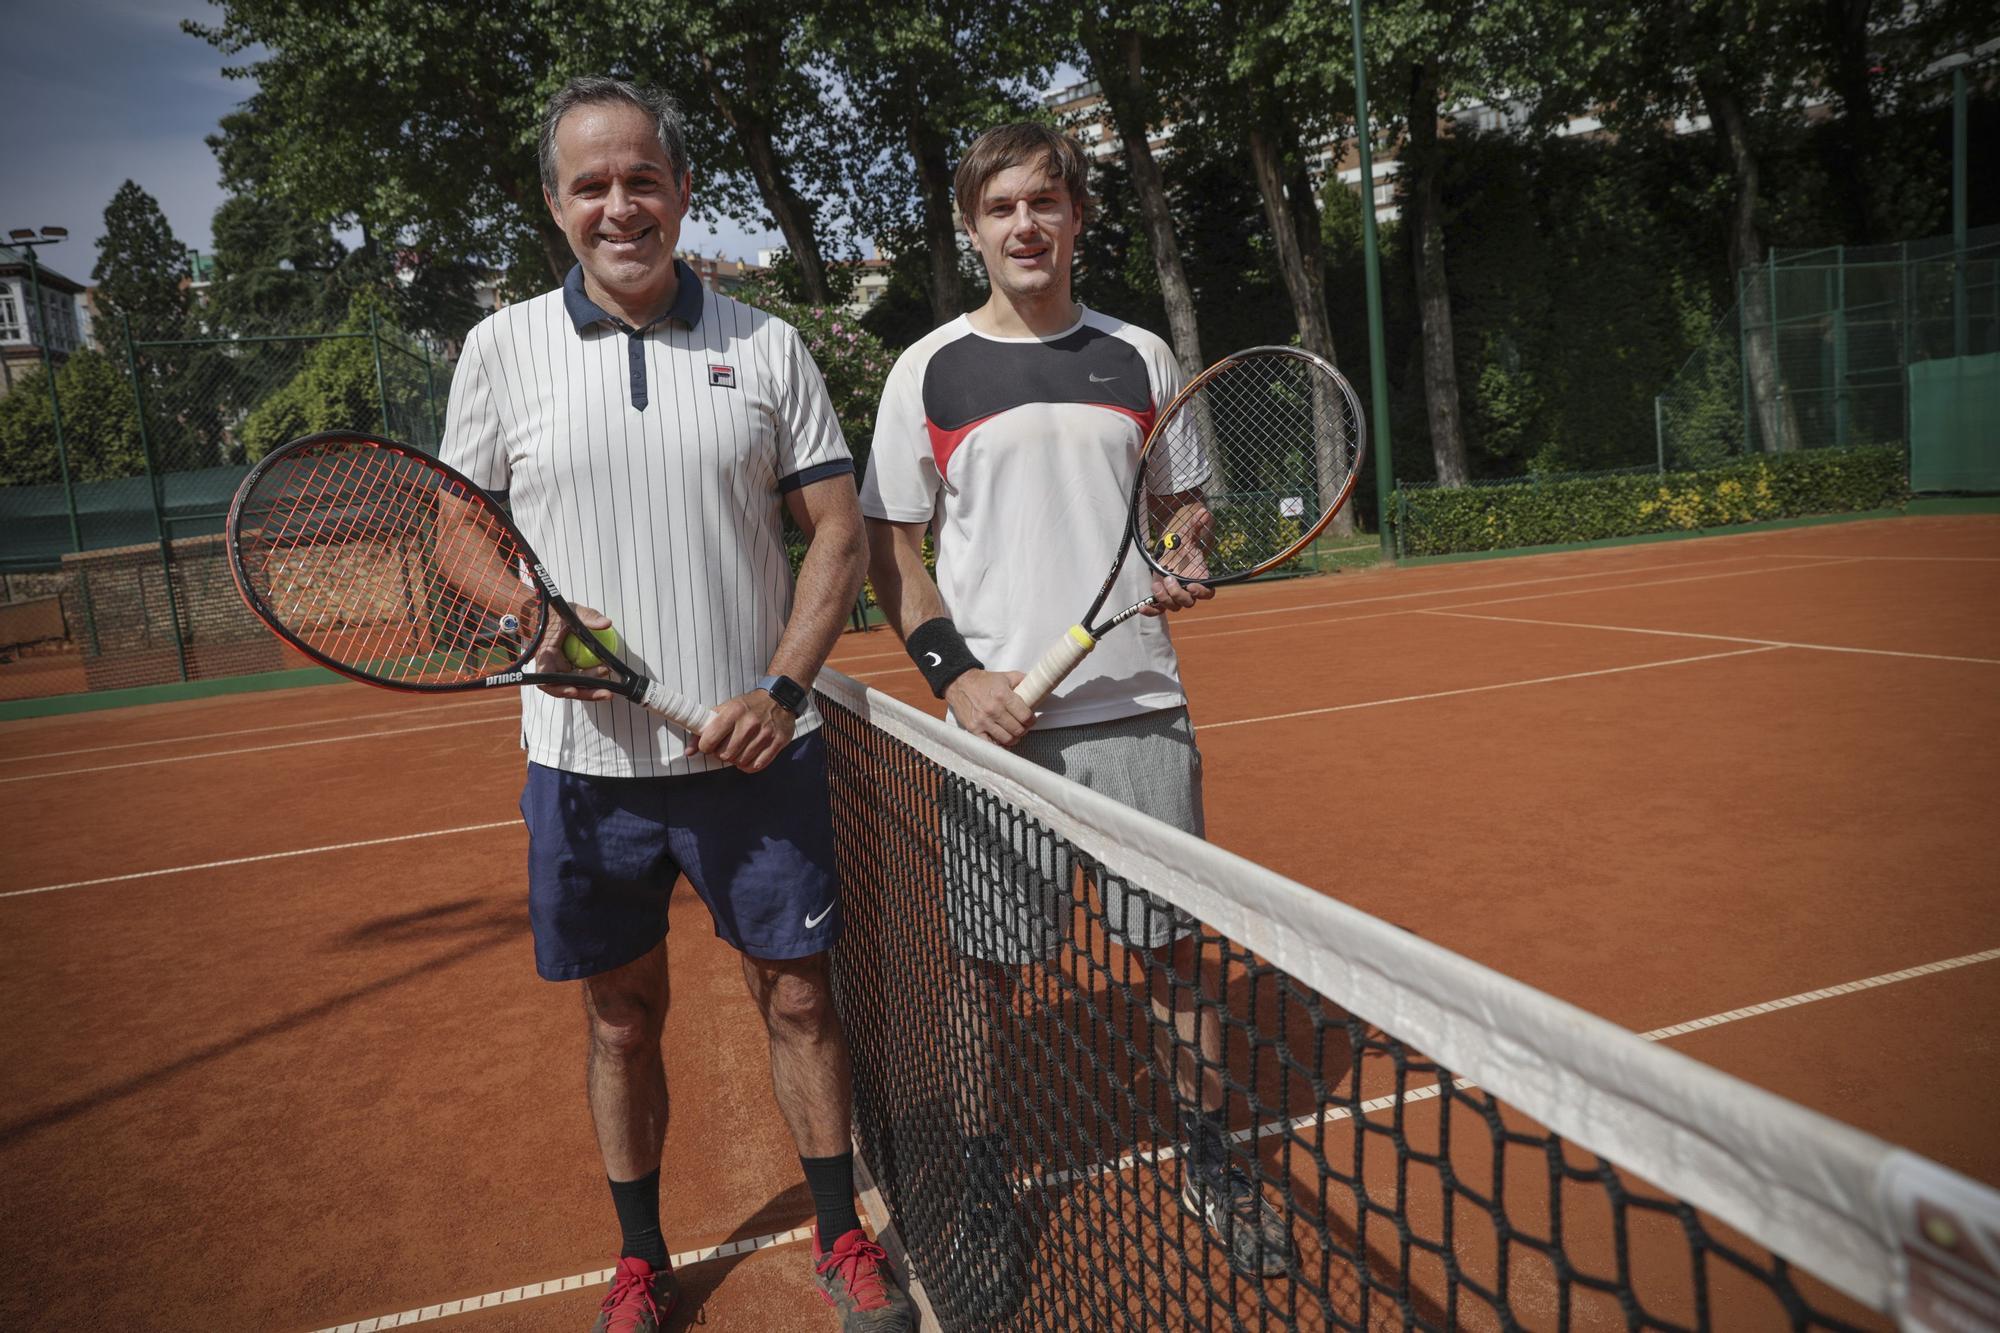 El día después de la victoria de Carreño, en imágenes: Club de Tenis de Oviedo y pistas del Parque del Oeste